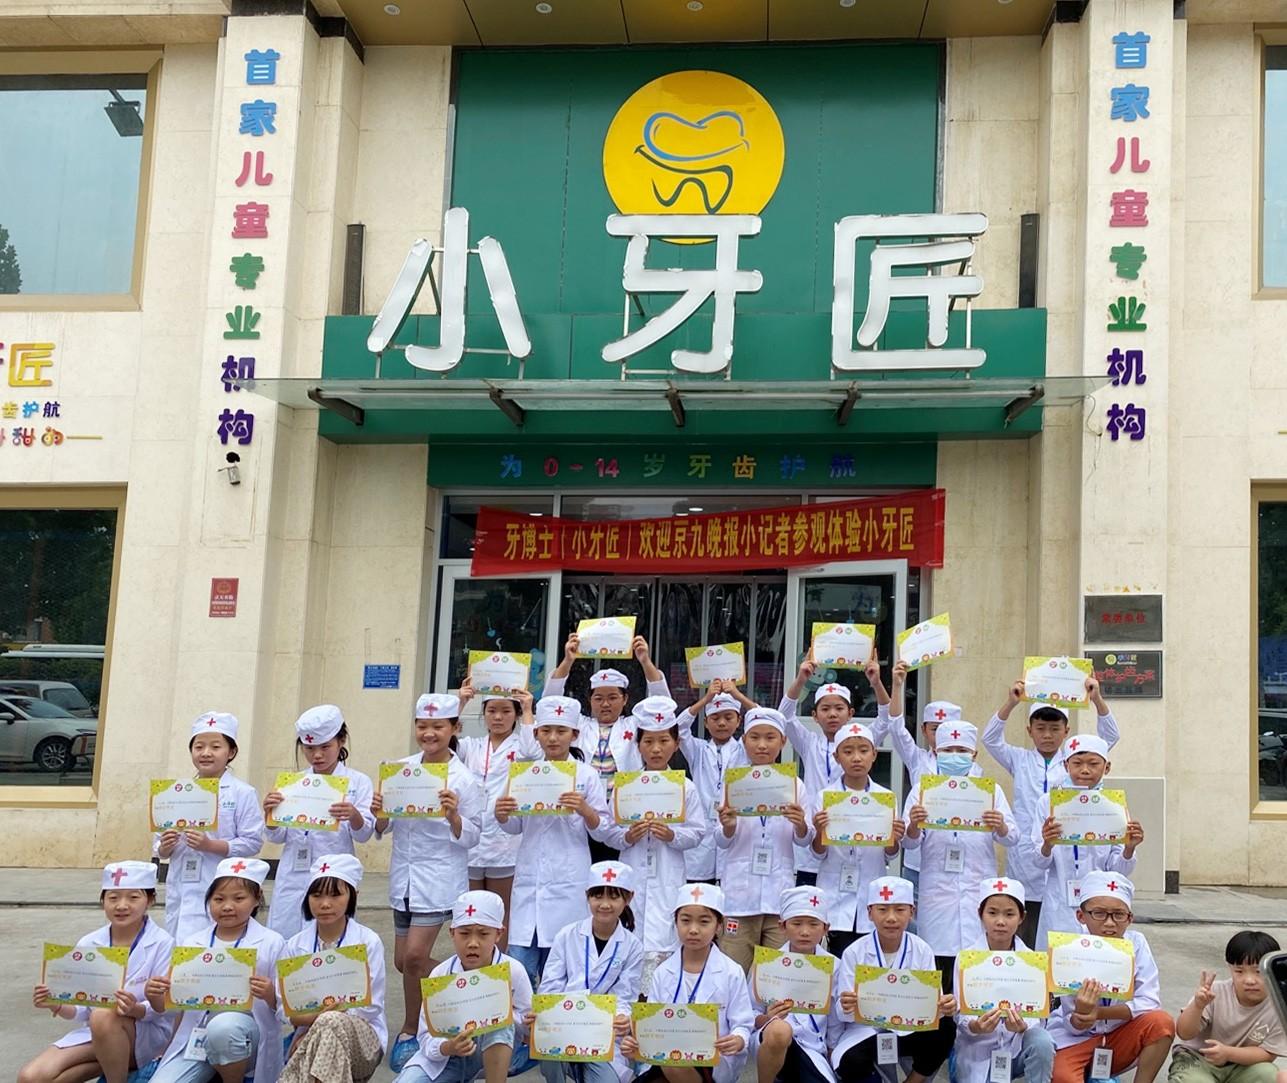 小牙匠联合京九晚报举办小小牙医体验活动